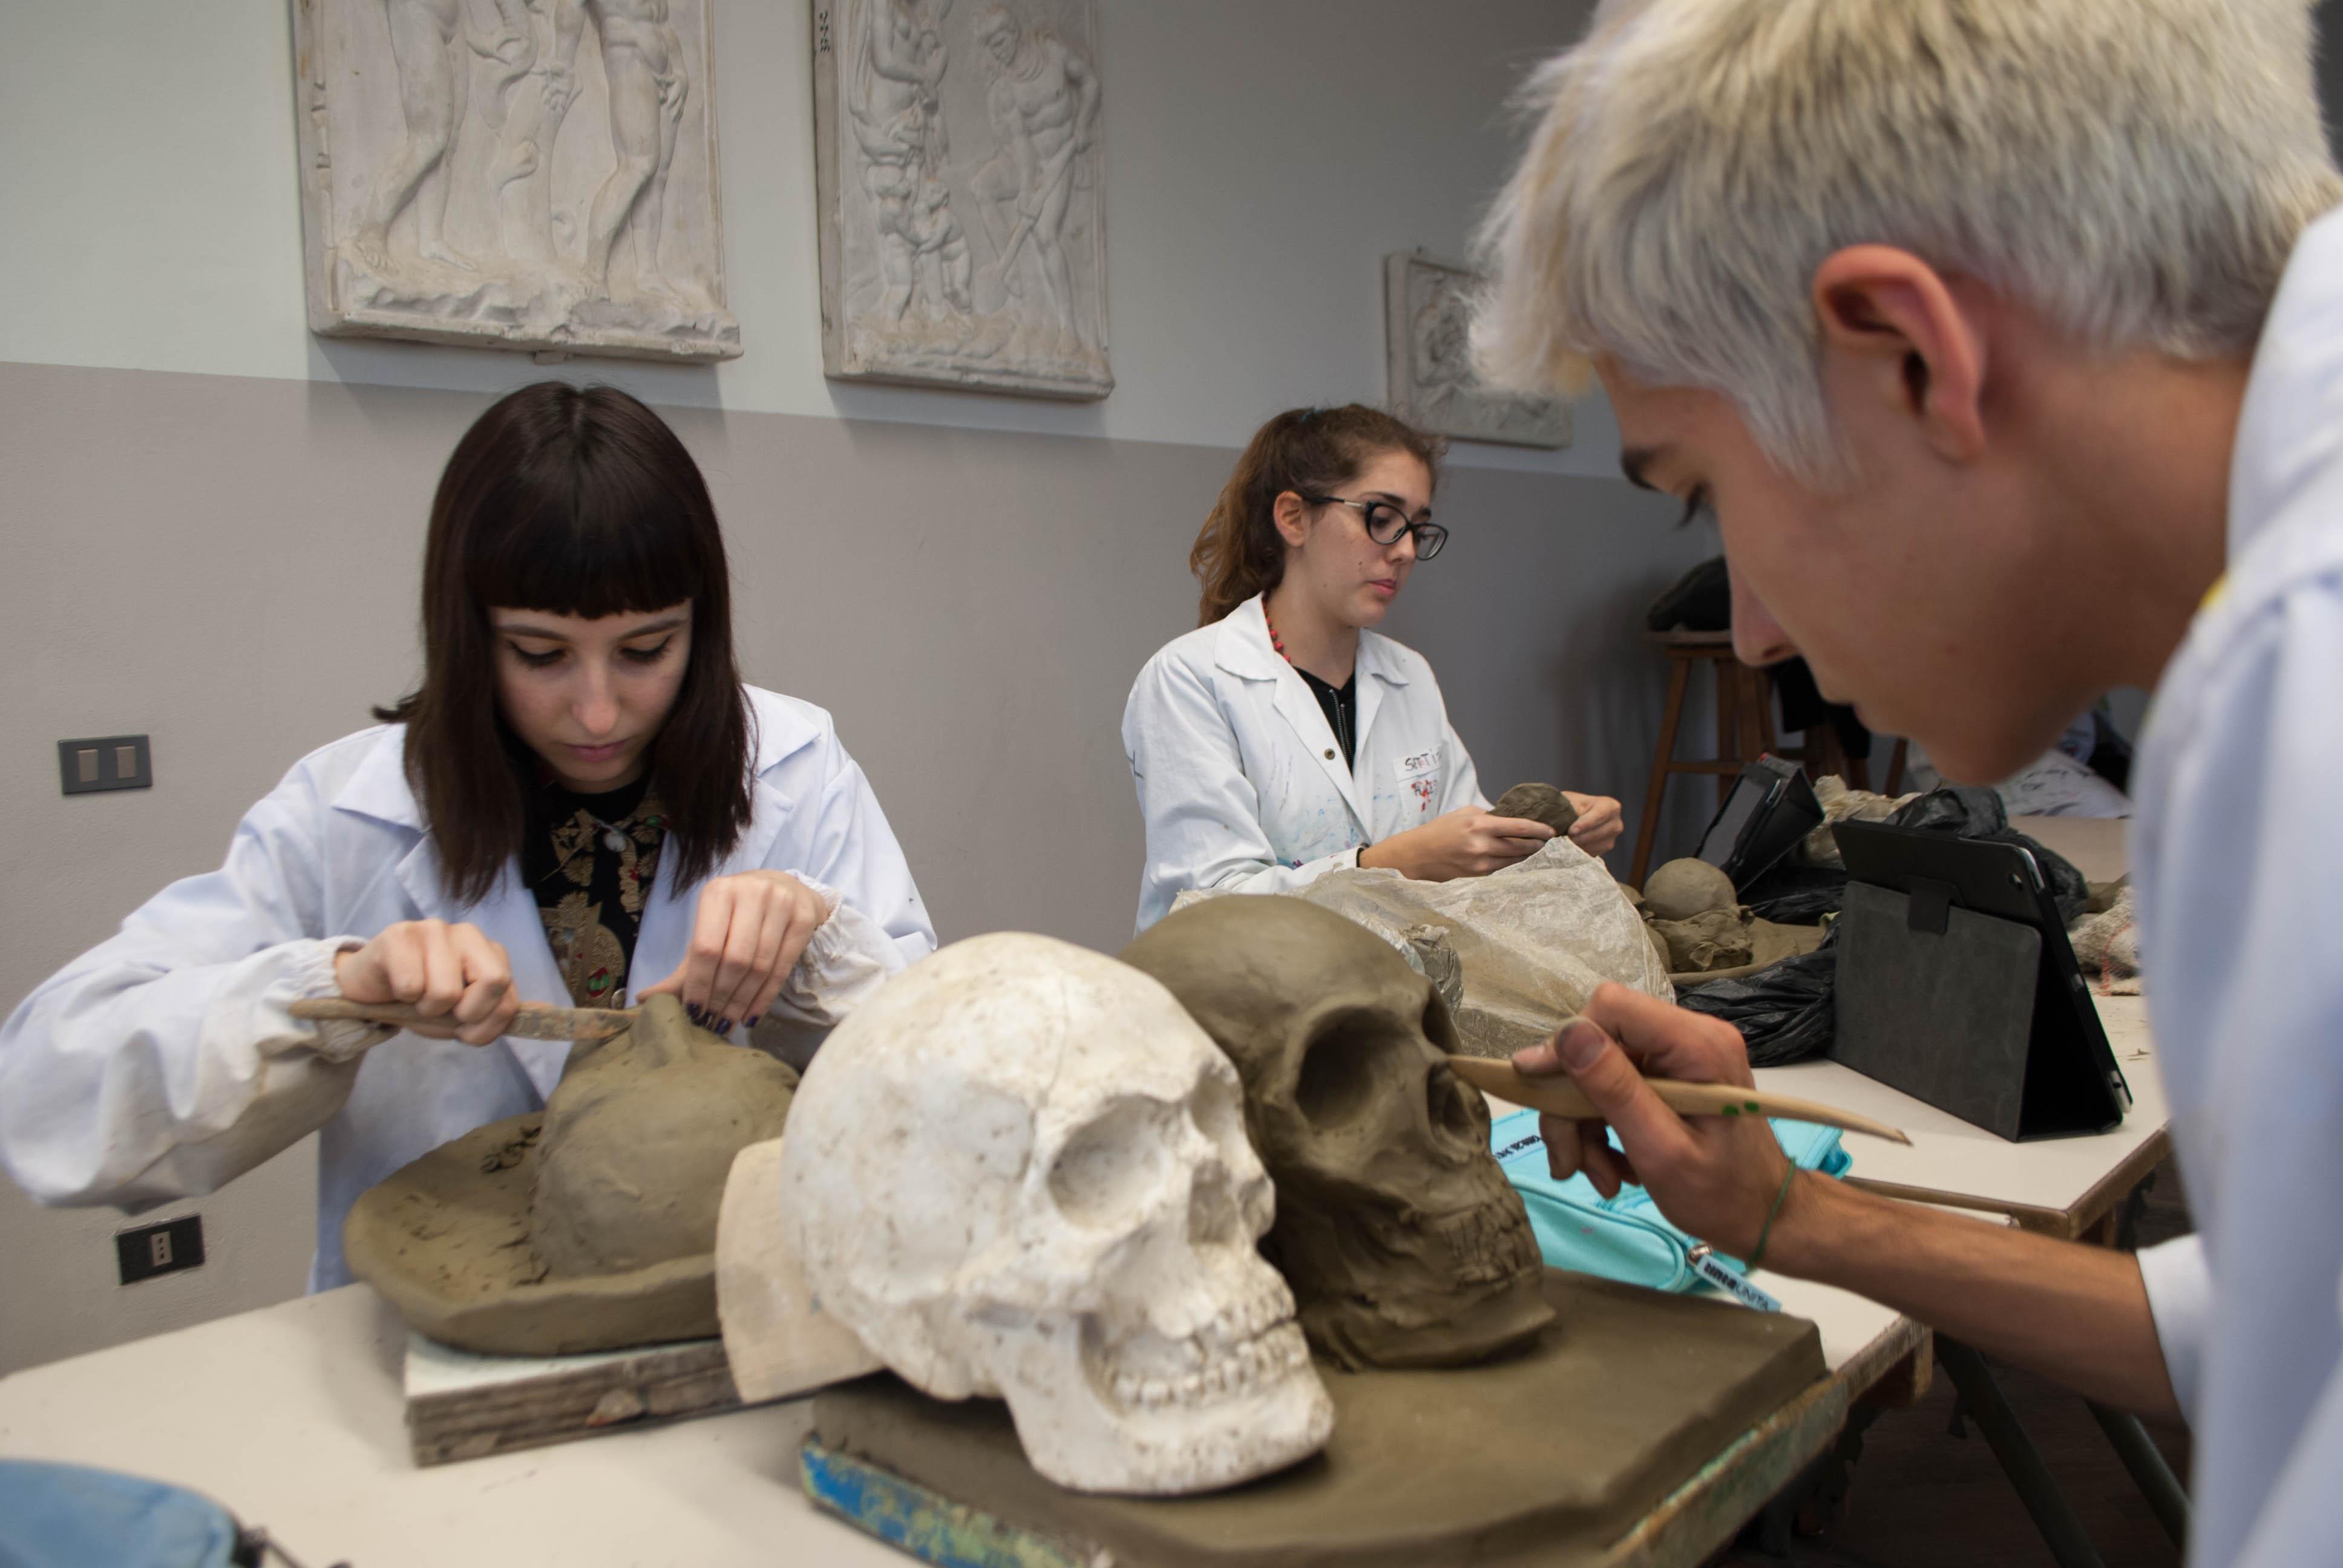 Laboratorio delle discipline plastiche a brescia for Scuola moda brescia